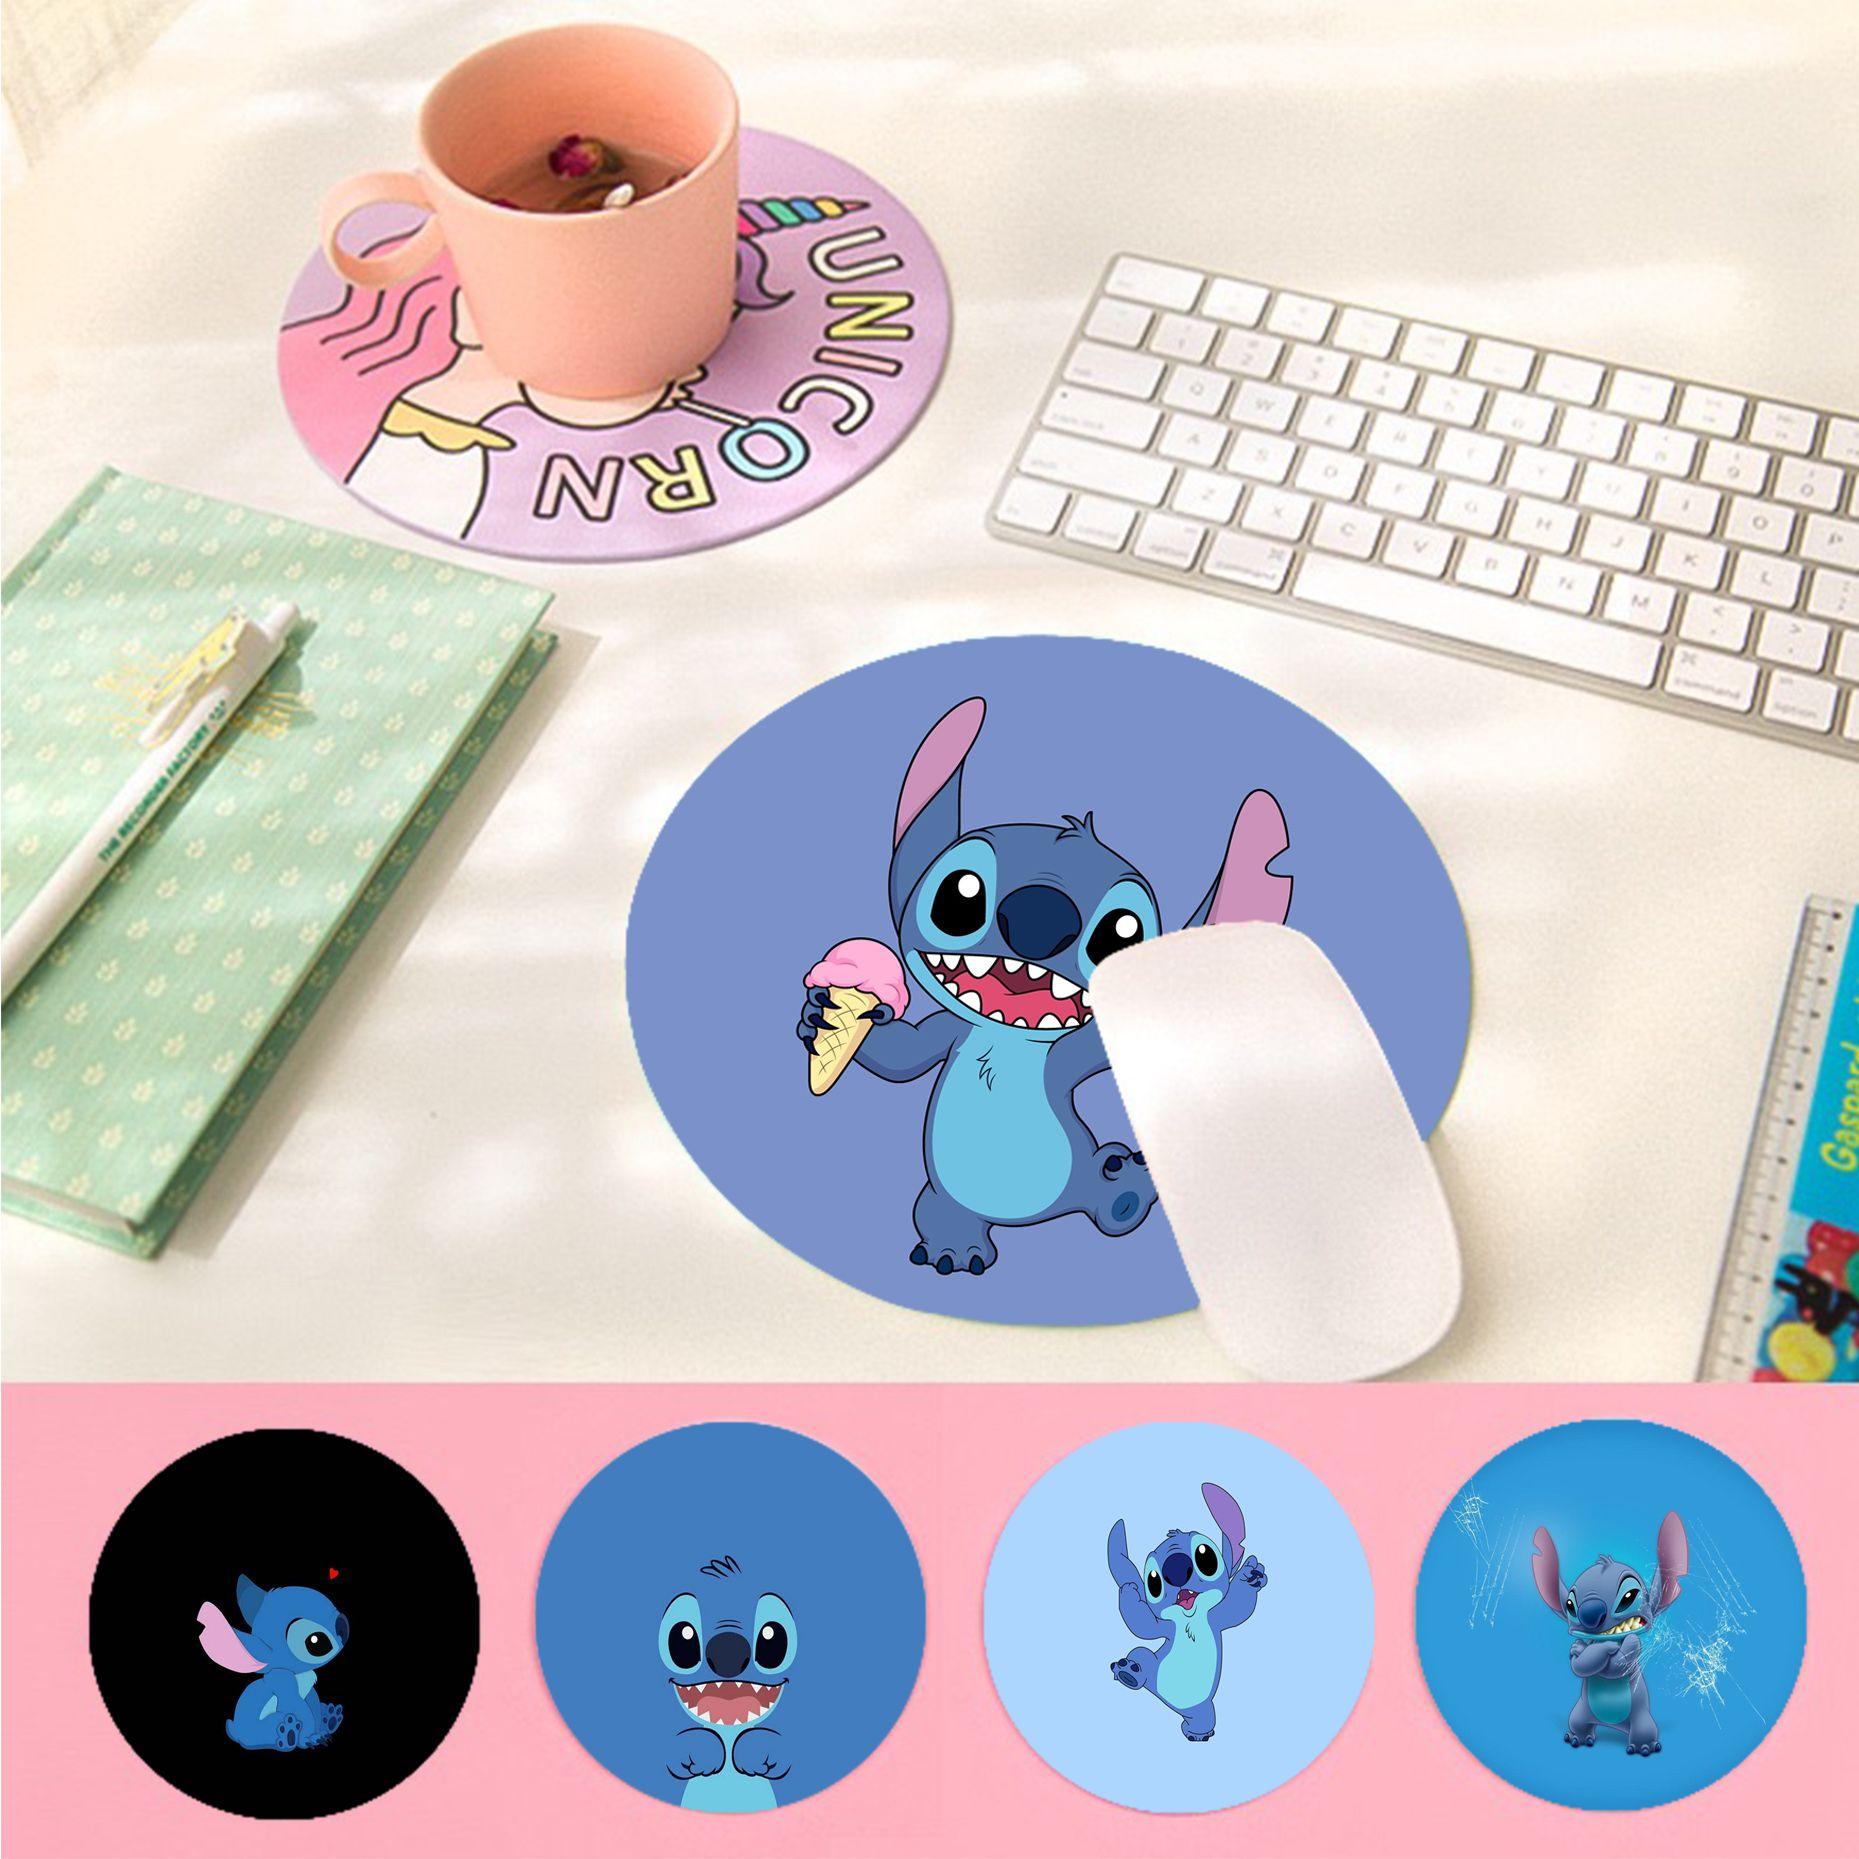 Резиновый прочный Настольный коврик для мыши с забавным рисунком, нескользящий коврик для мыши для ноутбука и ПК, игровой коврик для мыши